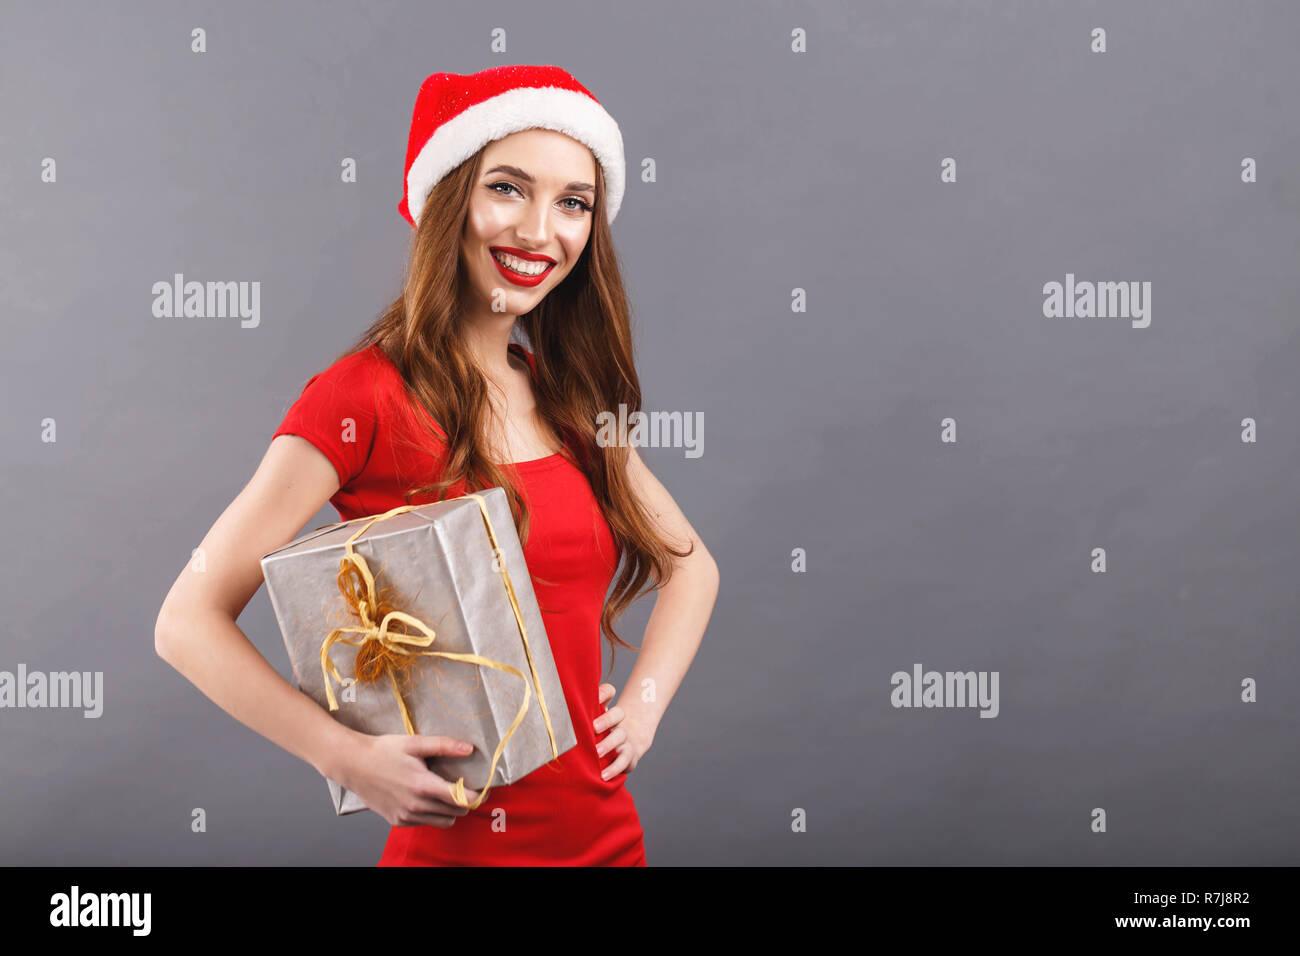 Geschenke Weihnachten Frau.Schöne Weihnachten Frau In Santa Hat Und Red Dress Auf Kamera Und